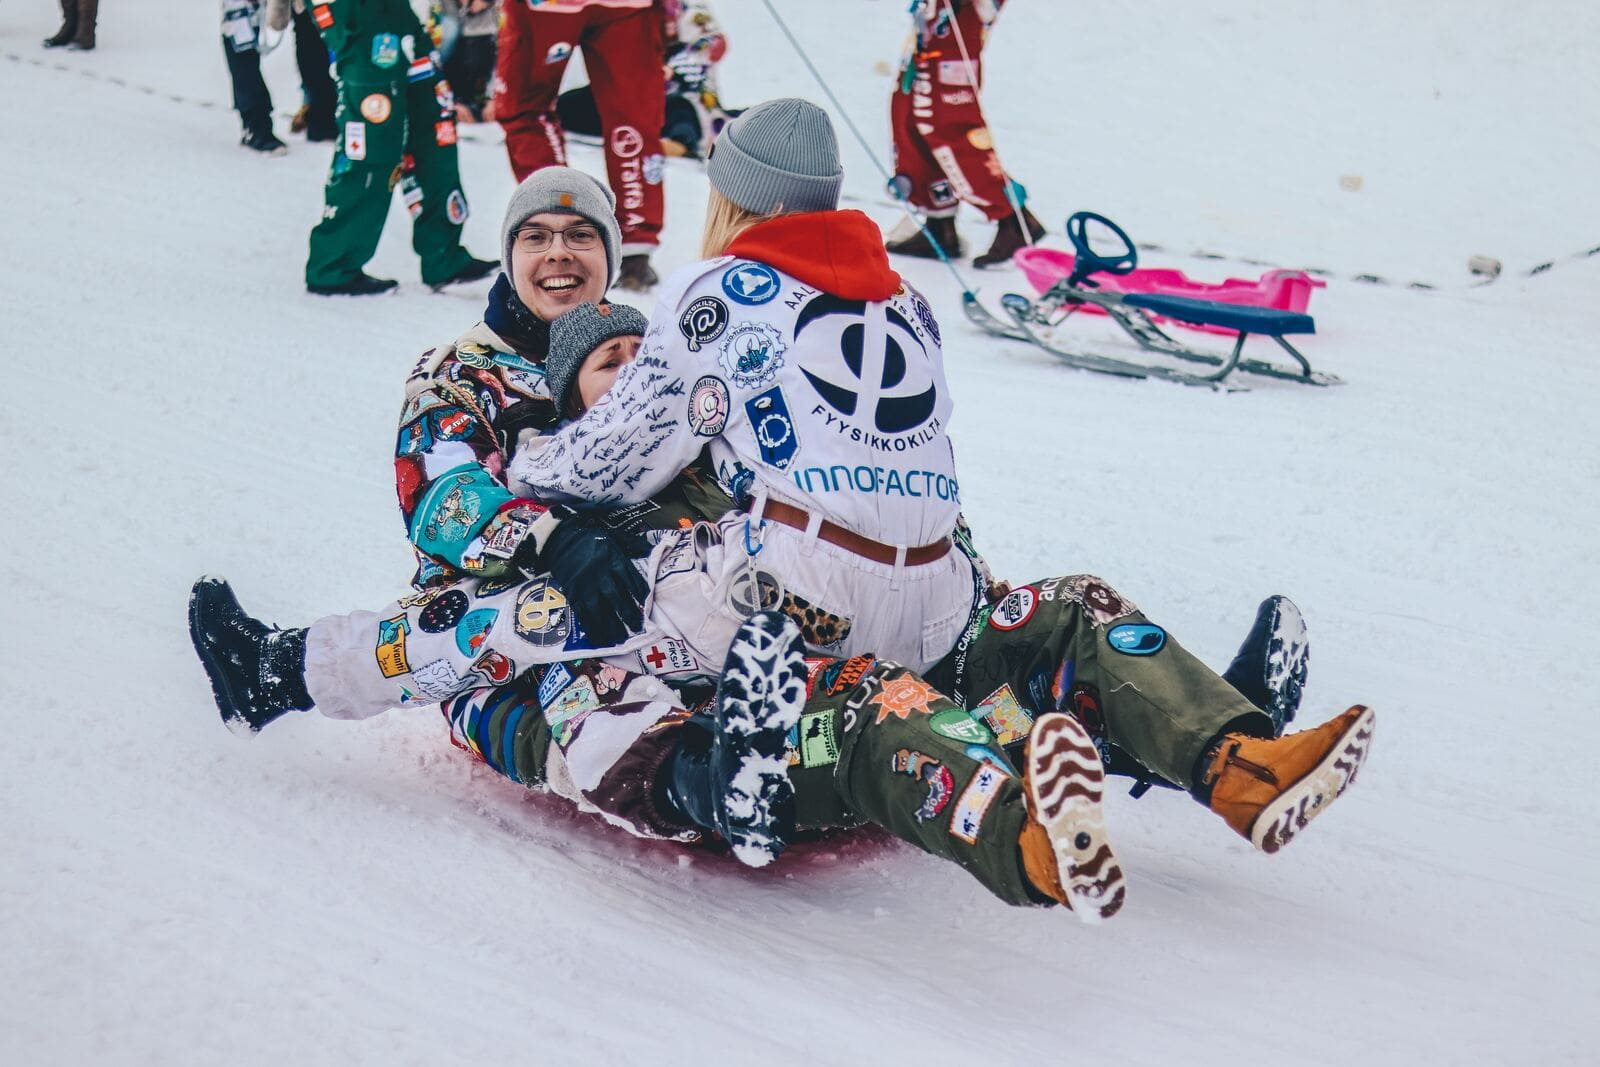 ski transfers to ski resorts